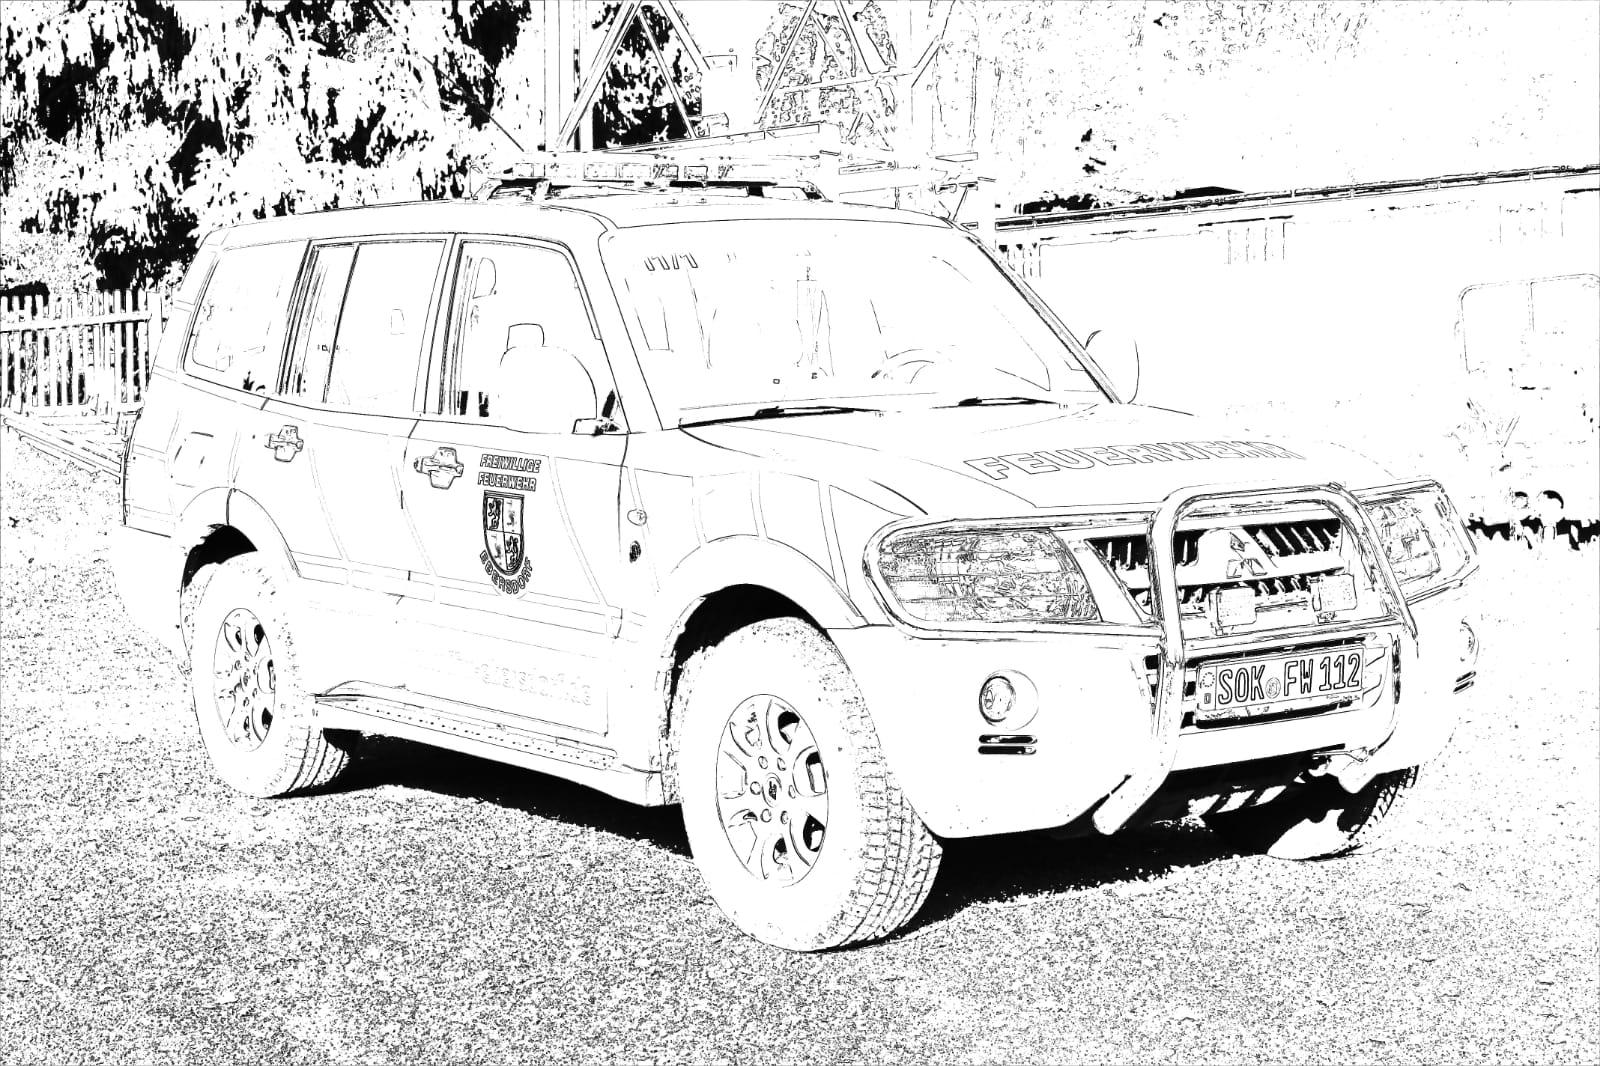 feuerwehr ausmalbilder  freiwillige feuerwehr ebersdorf